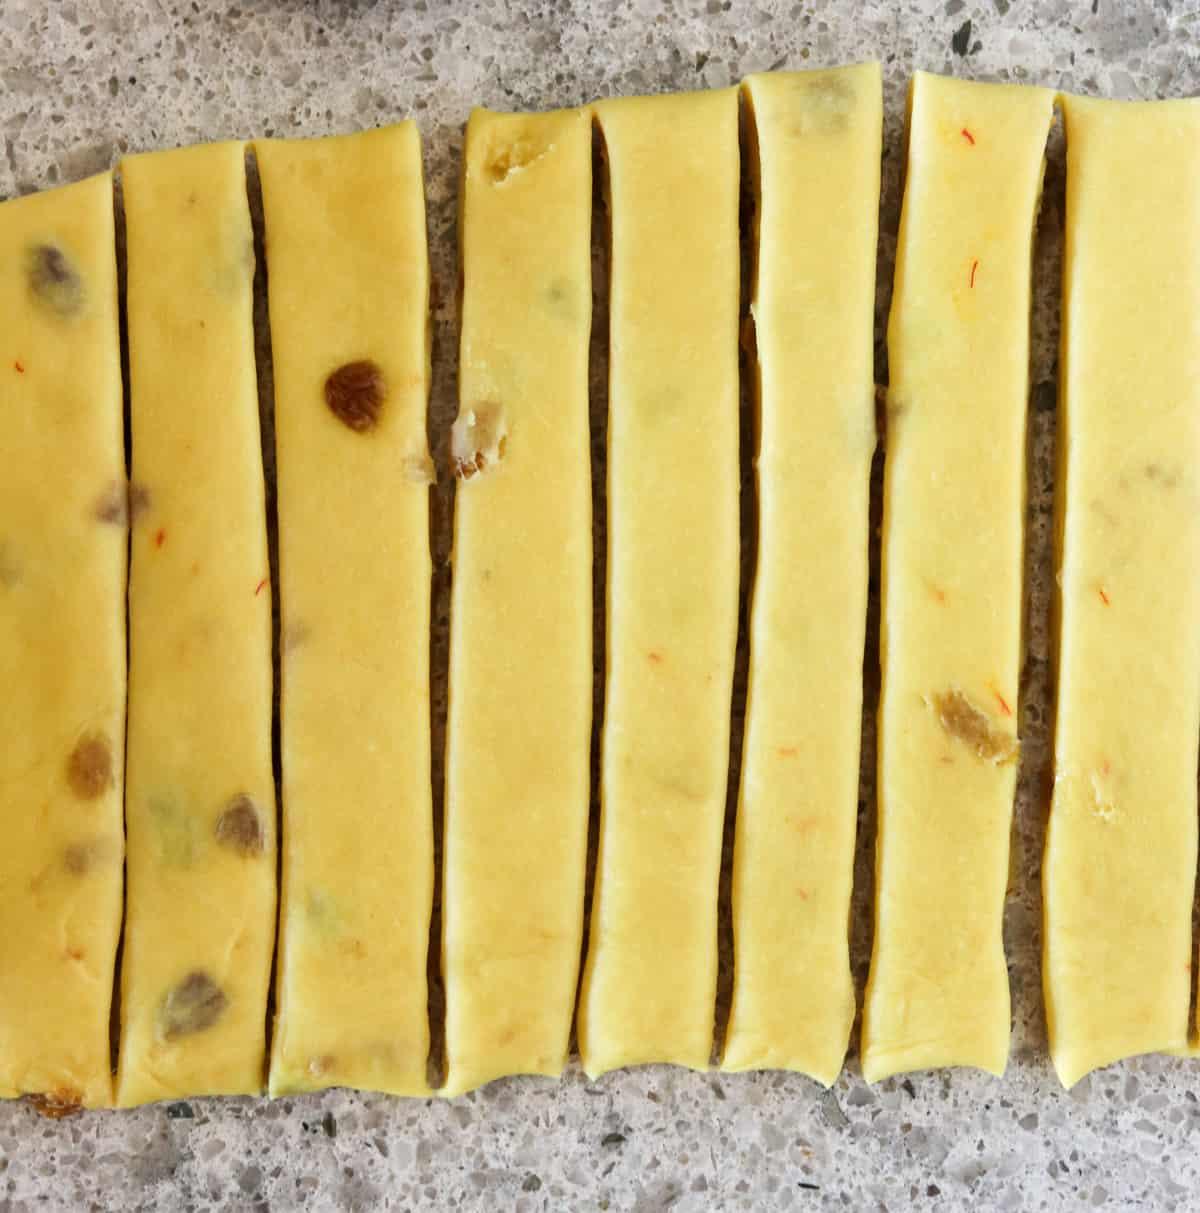 Strips of saffron dough on a gray countertop